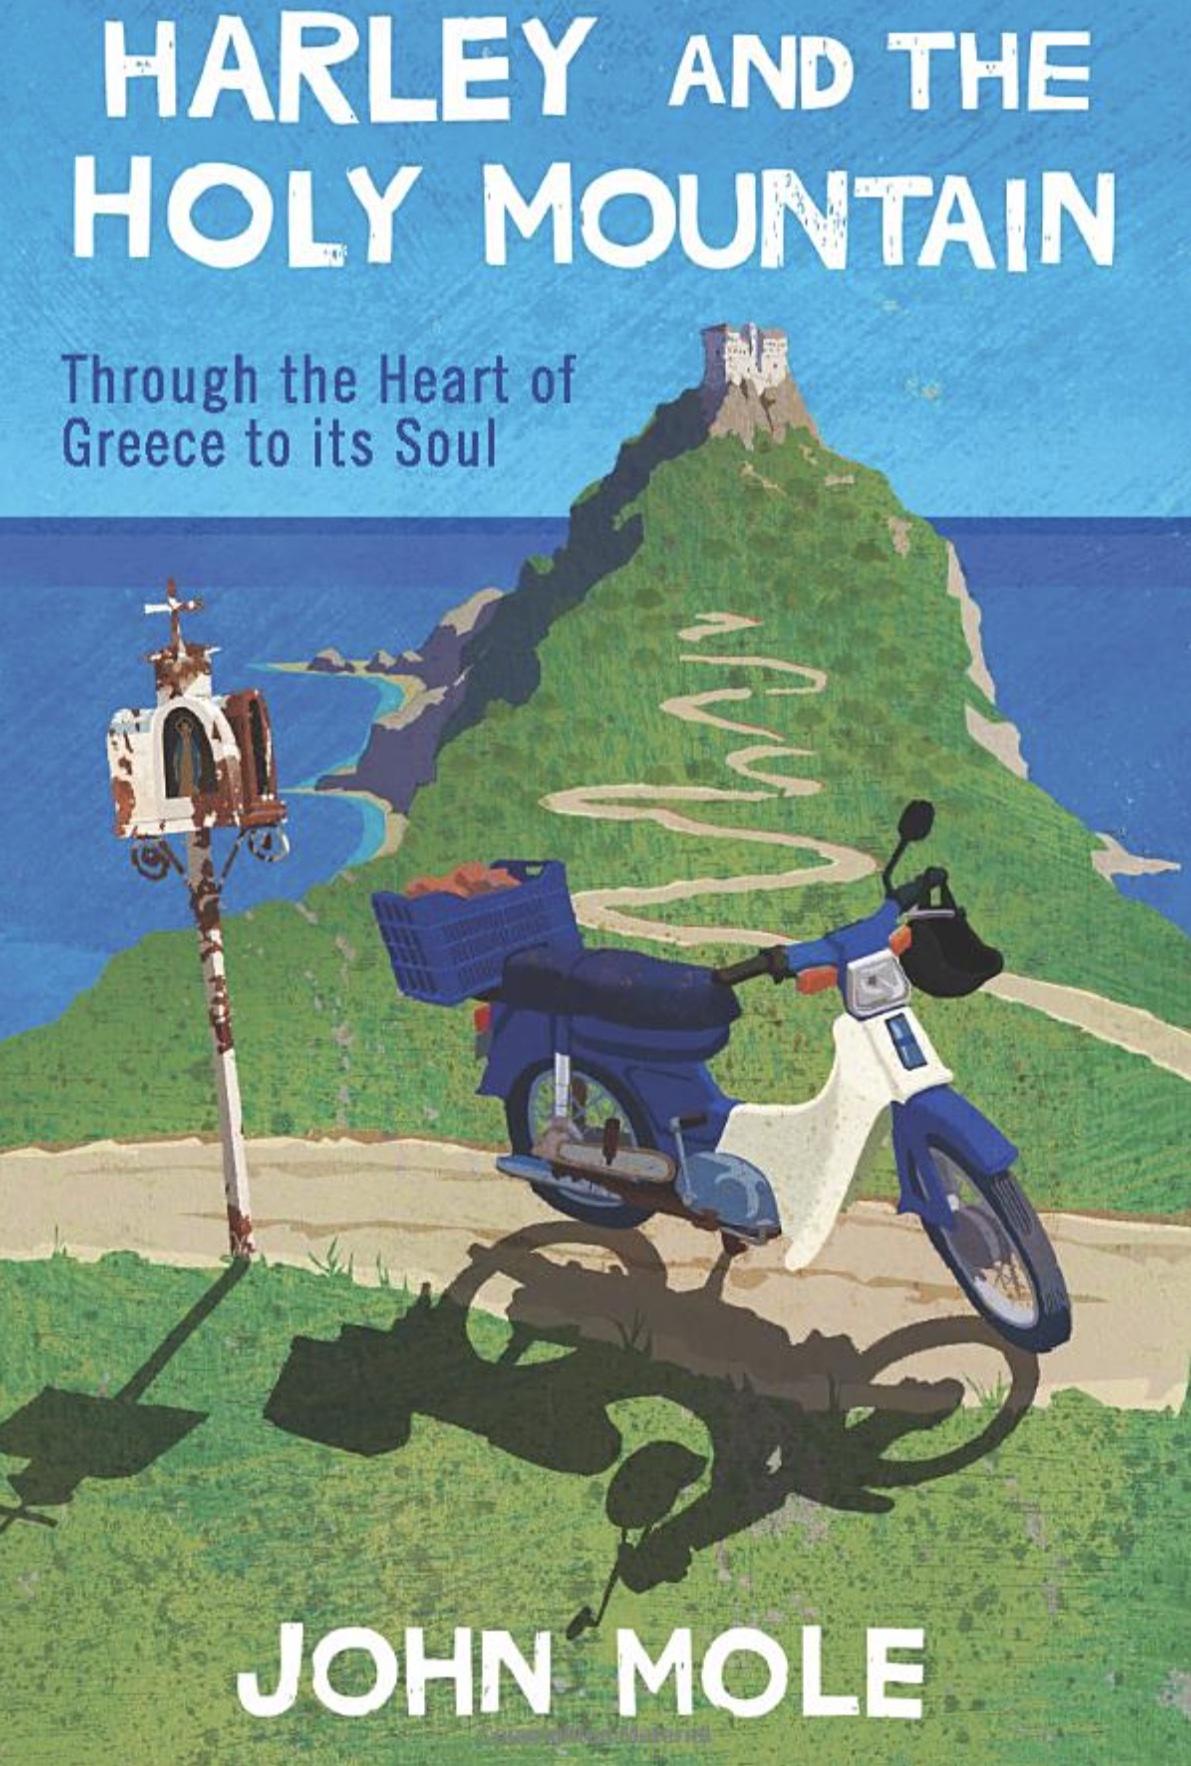 Cuốn sách của John Mole 'Harley và Núi Thánh: Xuyên qua trái tim của Hy Lạp đến linh hồn của nó'